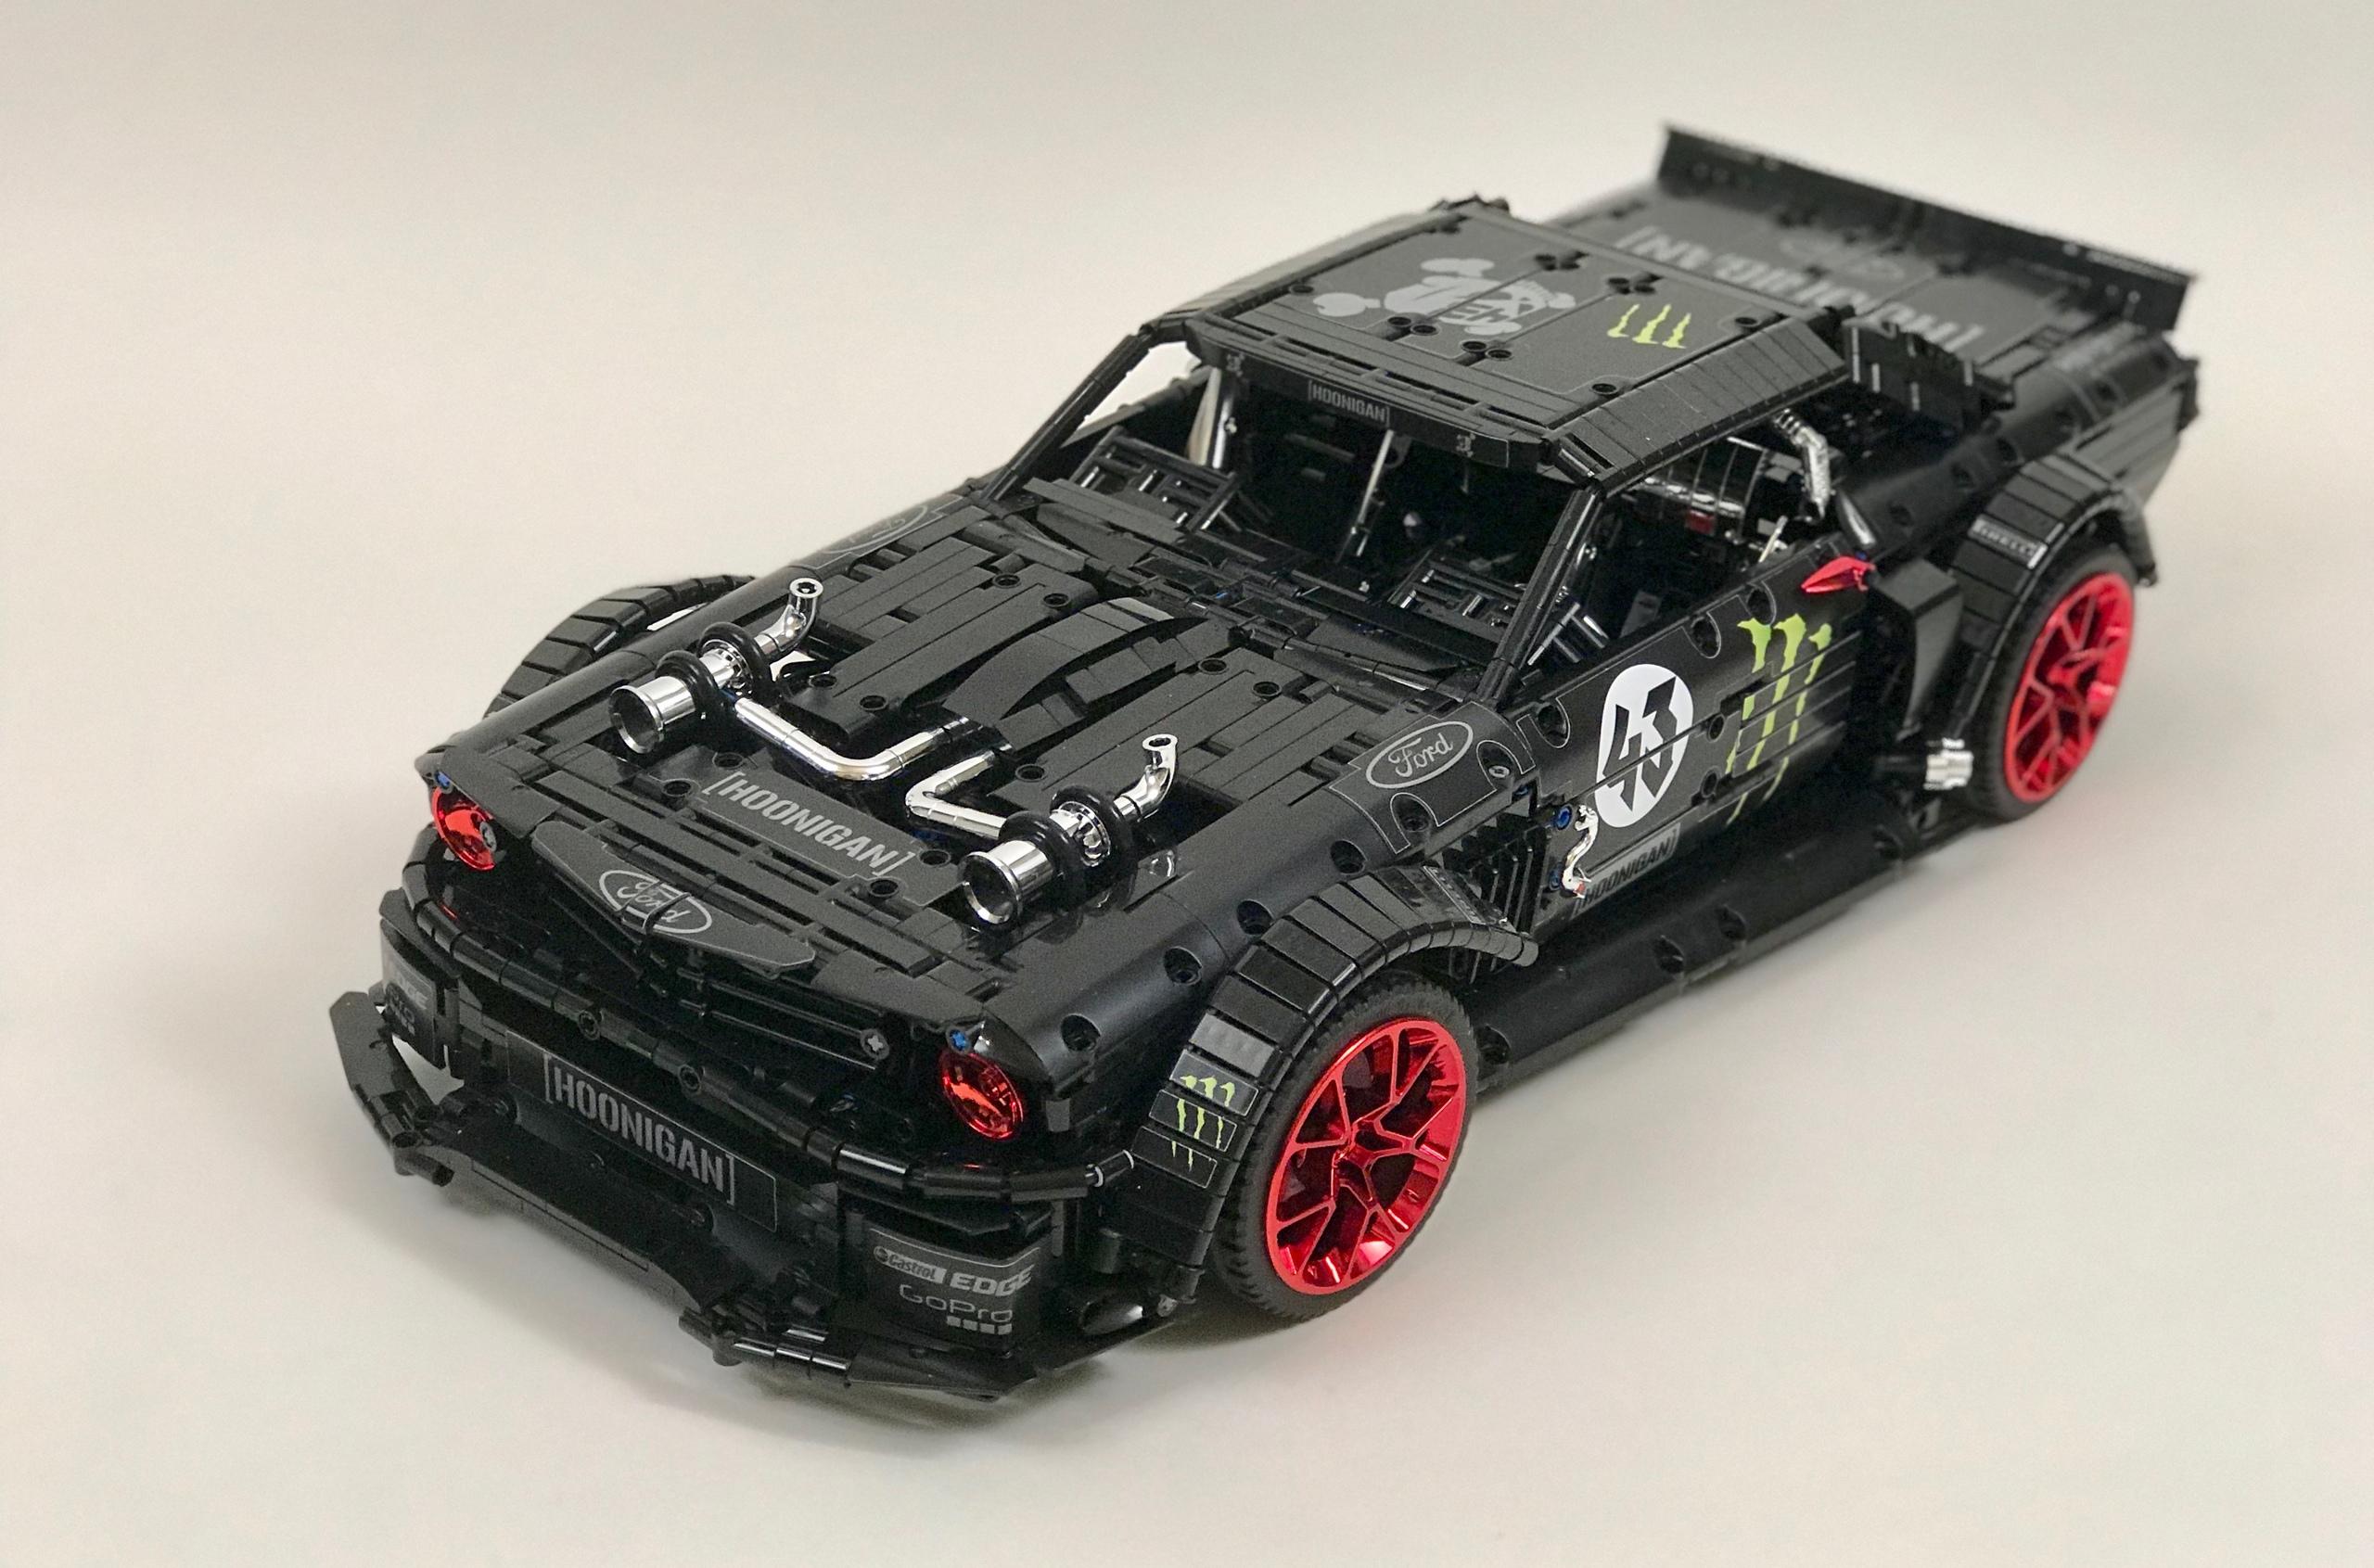 Из Lego сделали копию 1400-сильного «Мустанга» Кена Блока